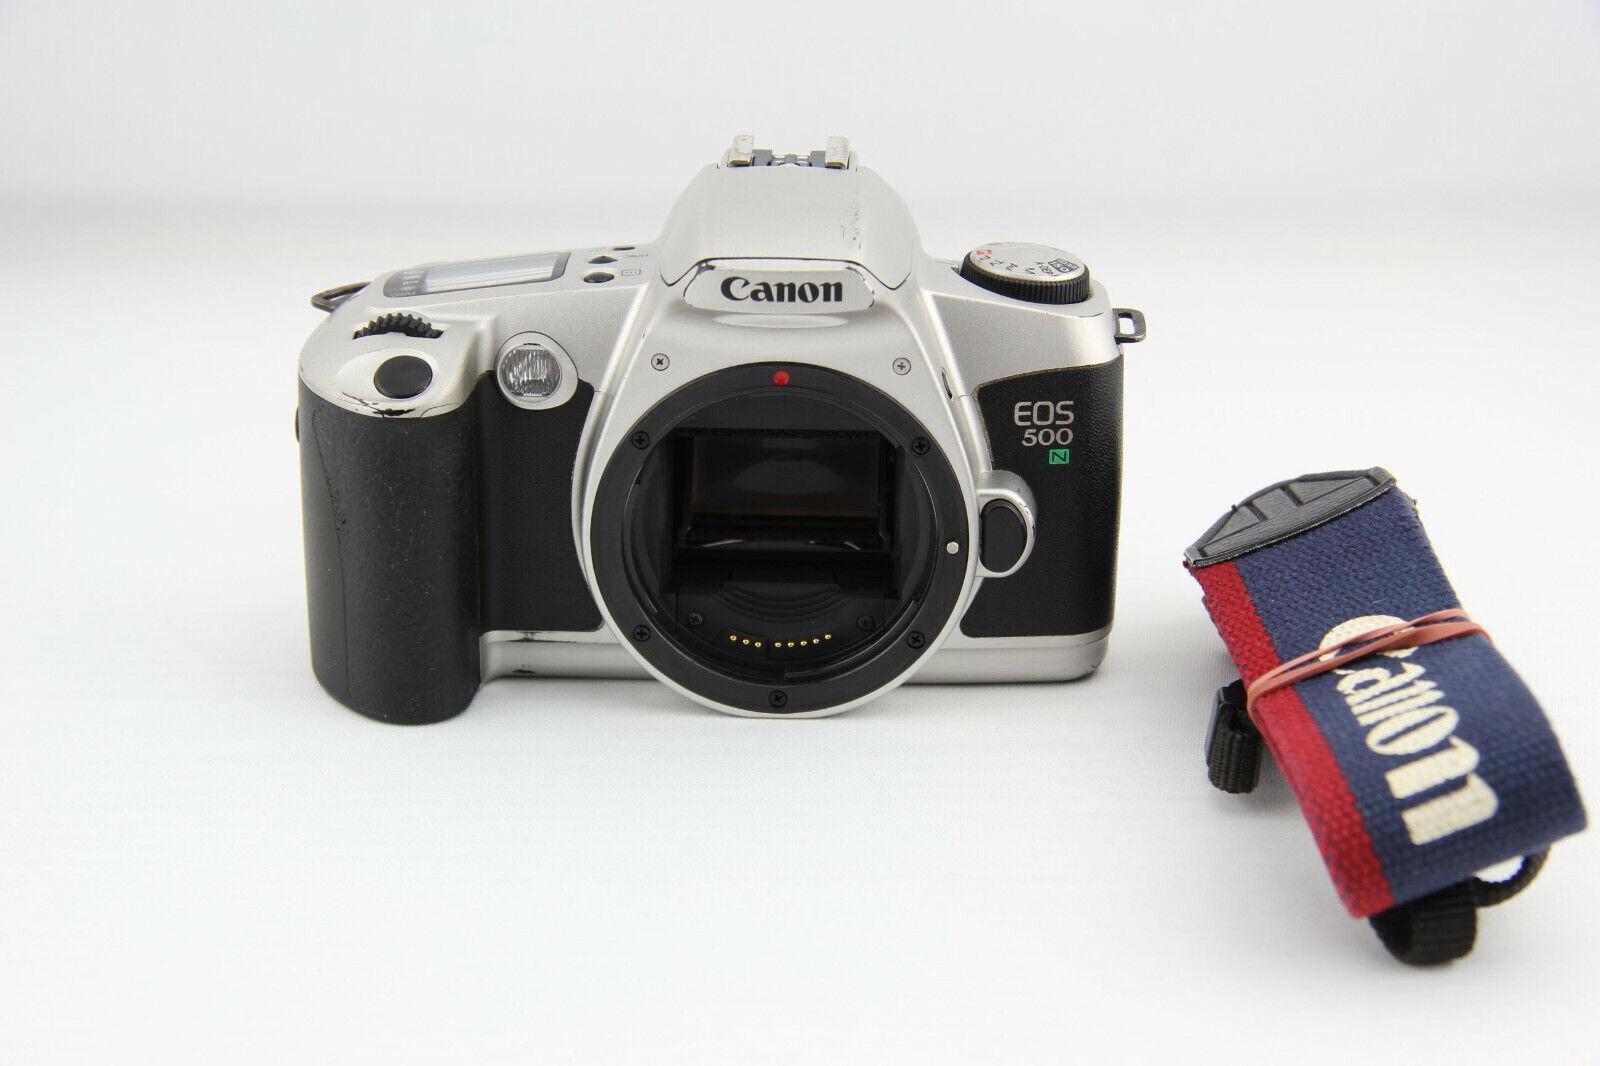 Canon EOS 500N analoge Spiegelreflexkamera silber # 6761